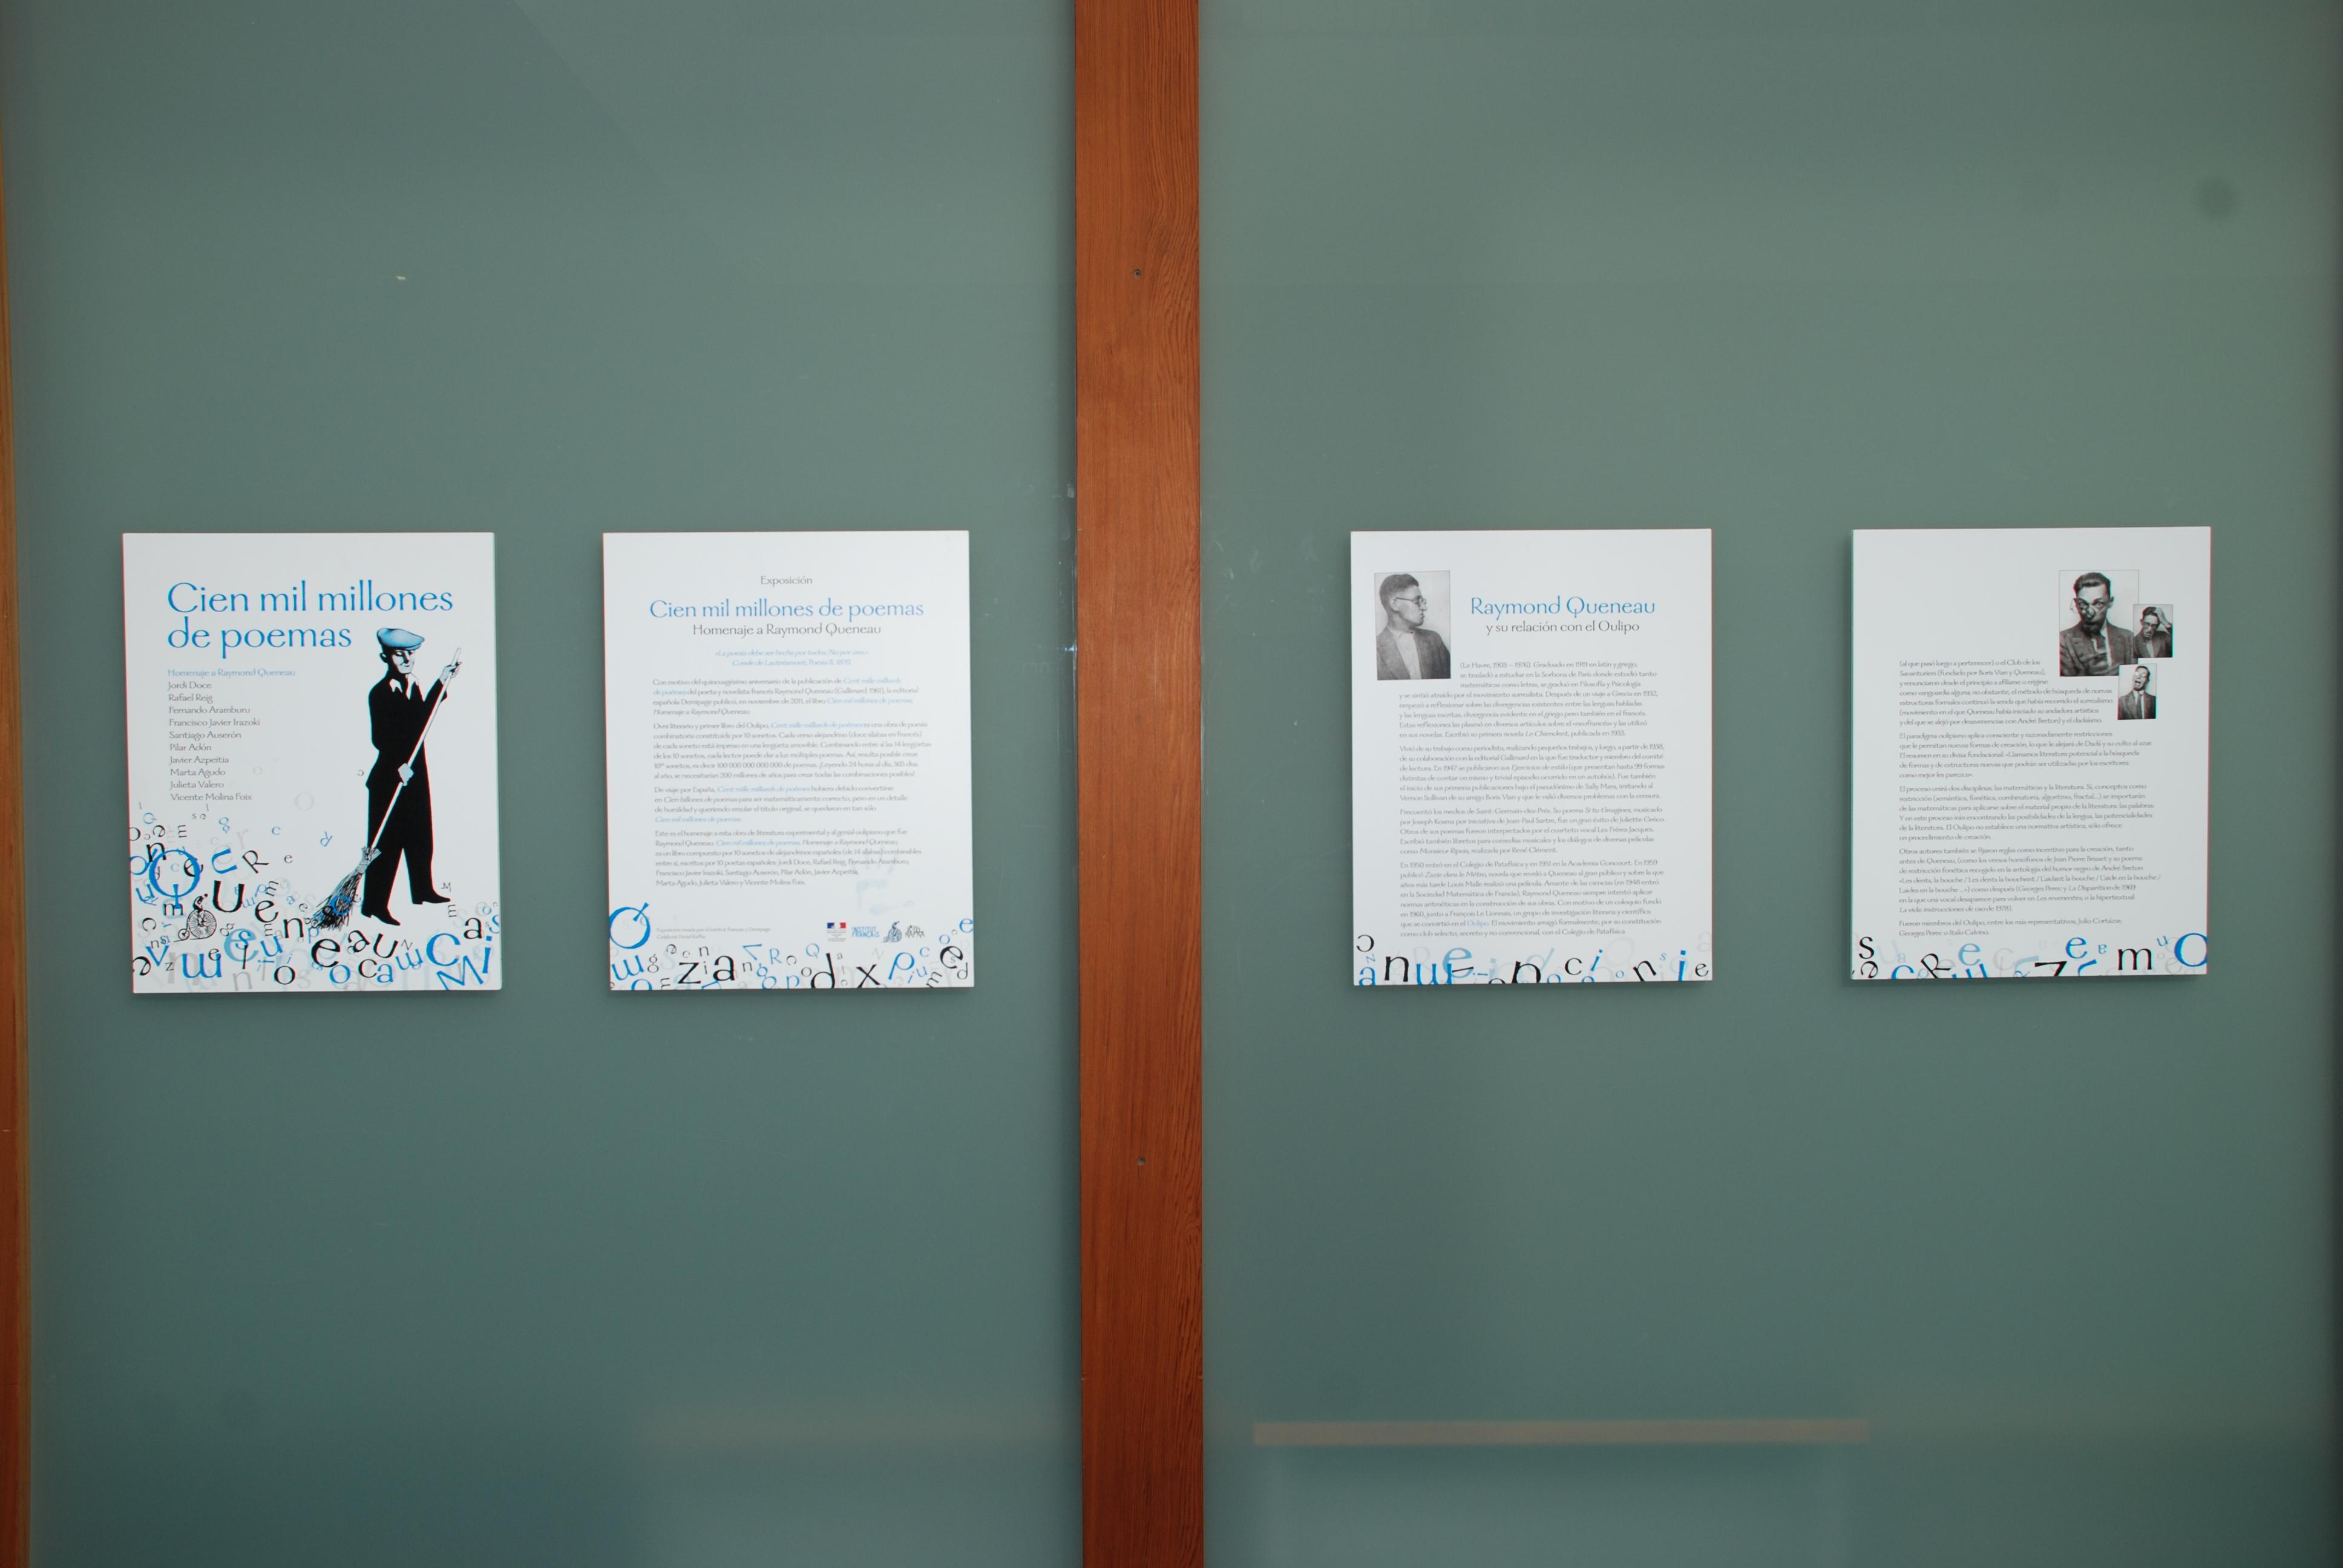 El Departamento de Filología Francesa homenajea al poeta Raymond Queneau